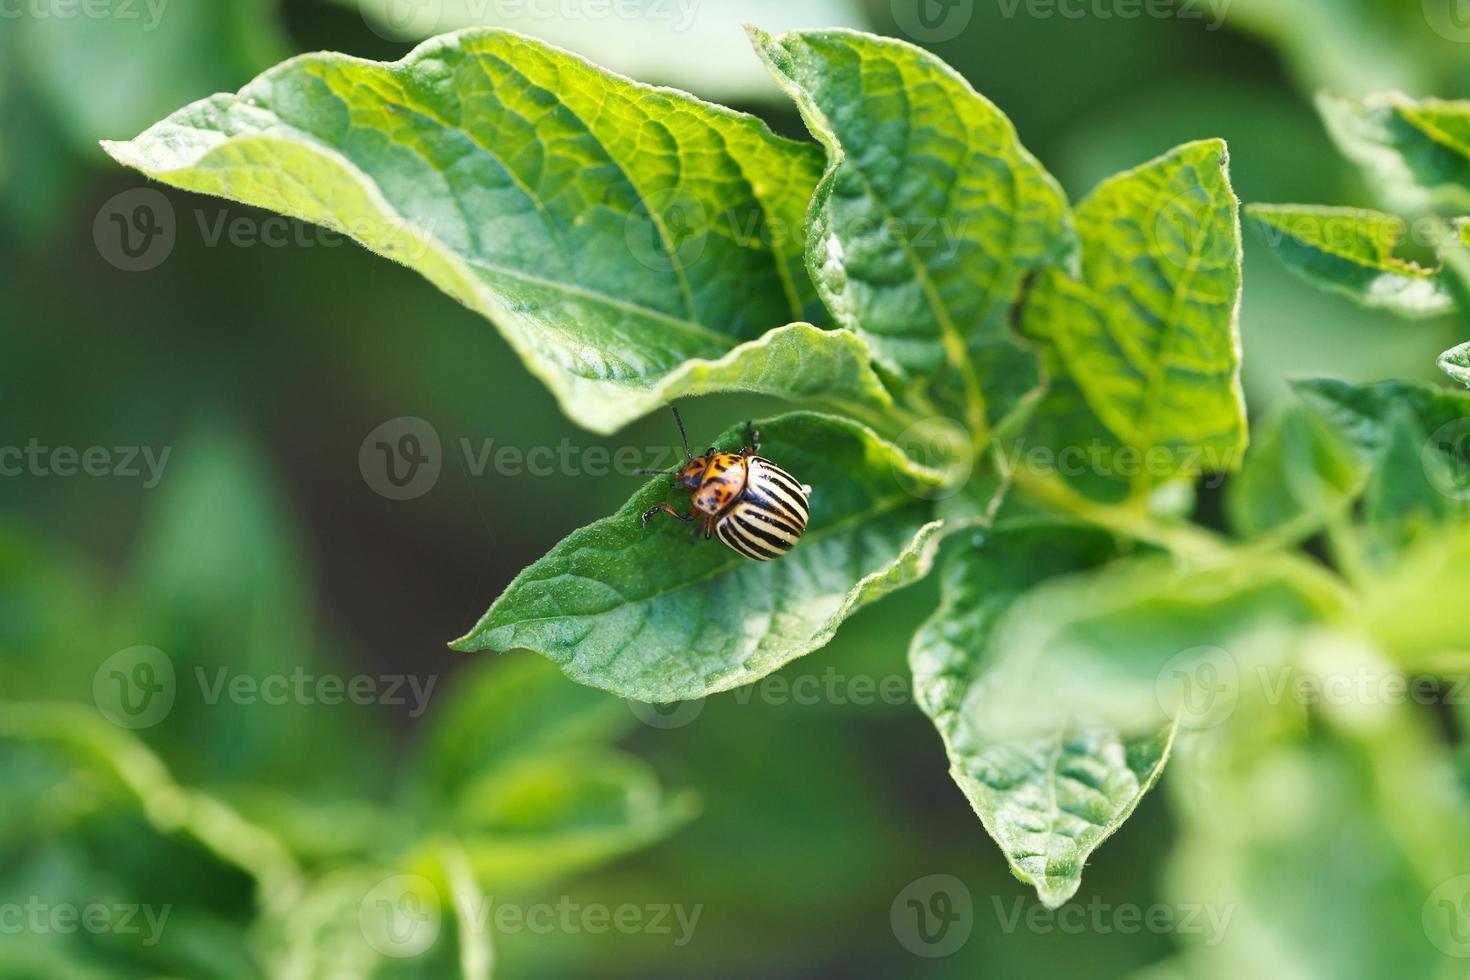 colorado potato beetle eating potatoes photo